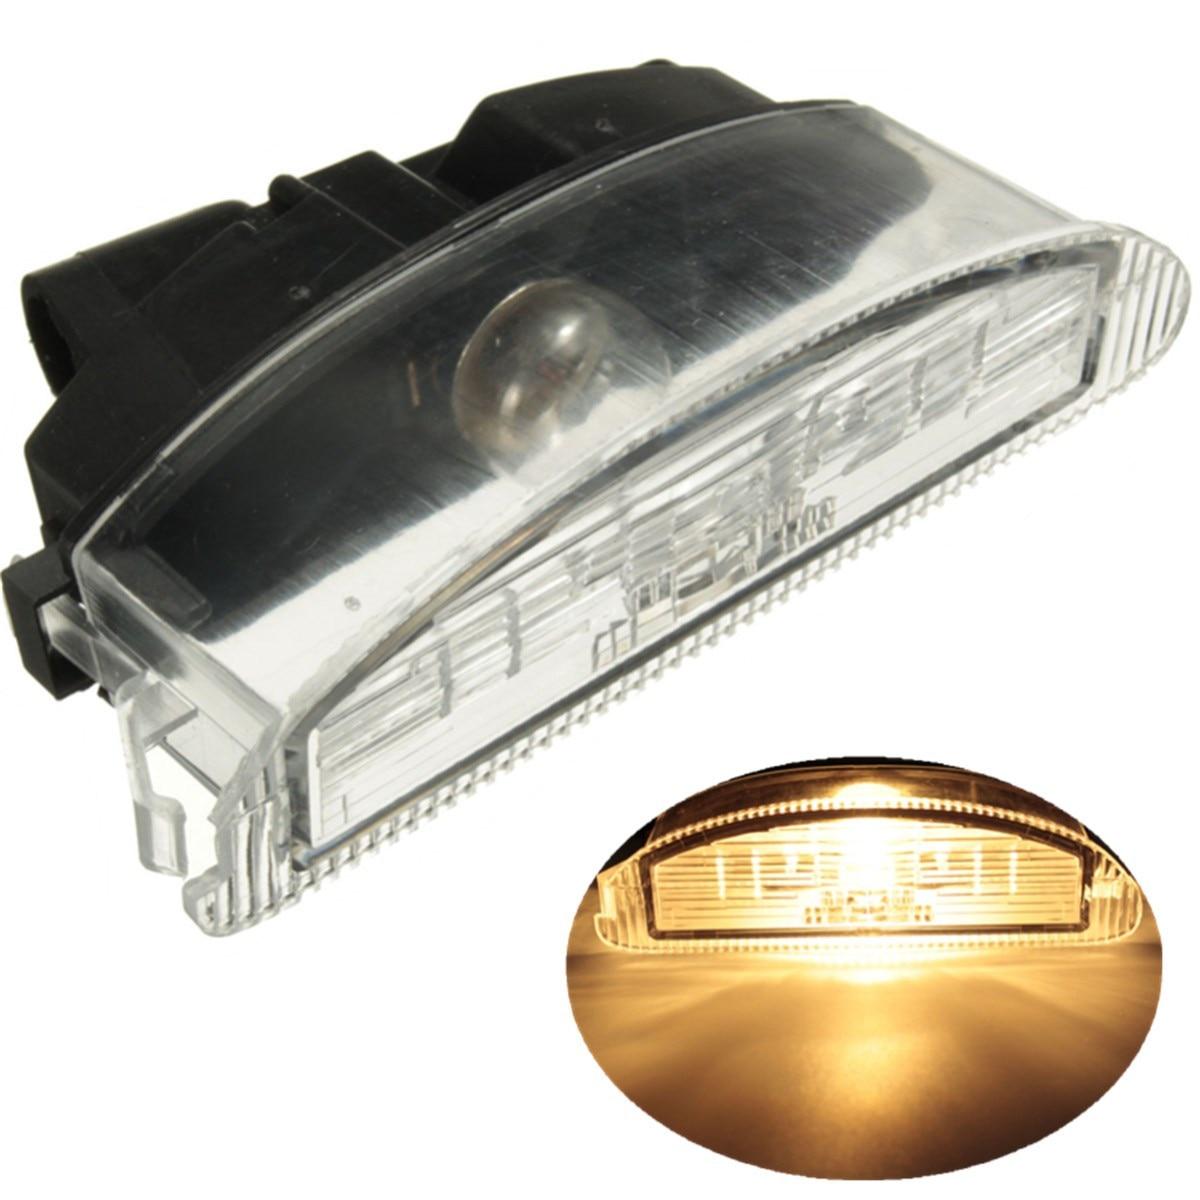 Us 424 Oświetlenie Tablicy Rejestracyjnej żarówka Do Renault Clio Ii 98 05 Thalia Twingo 7700410754 W Lampy Sygnałowe Od Samochody I Motocykle Na